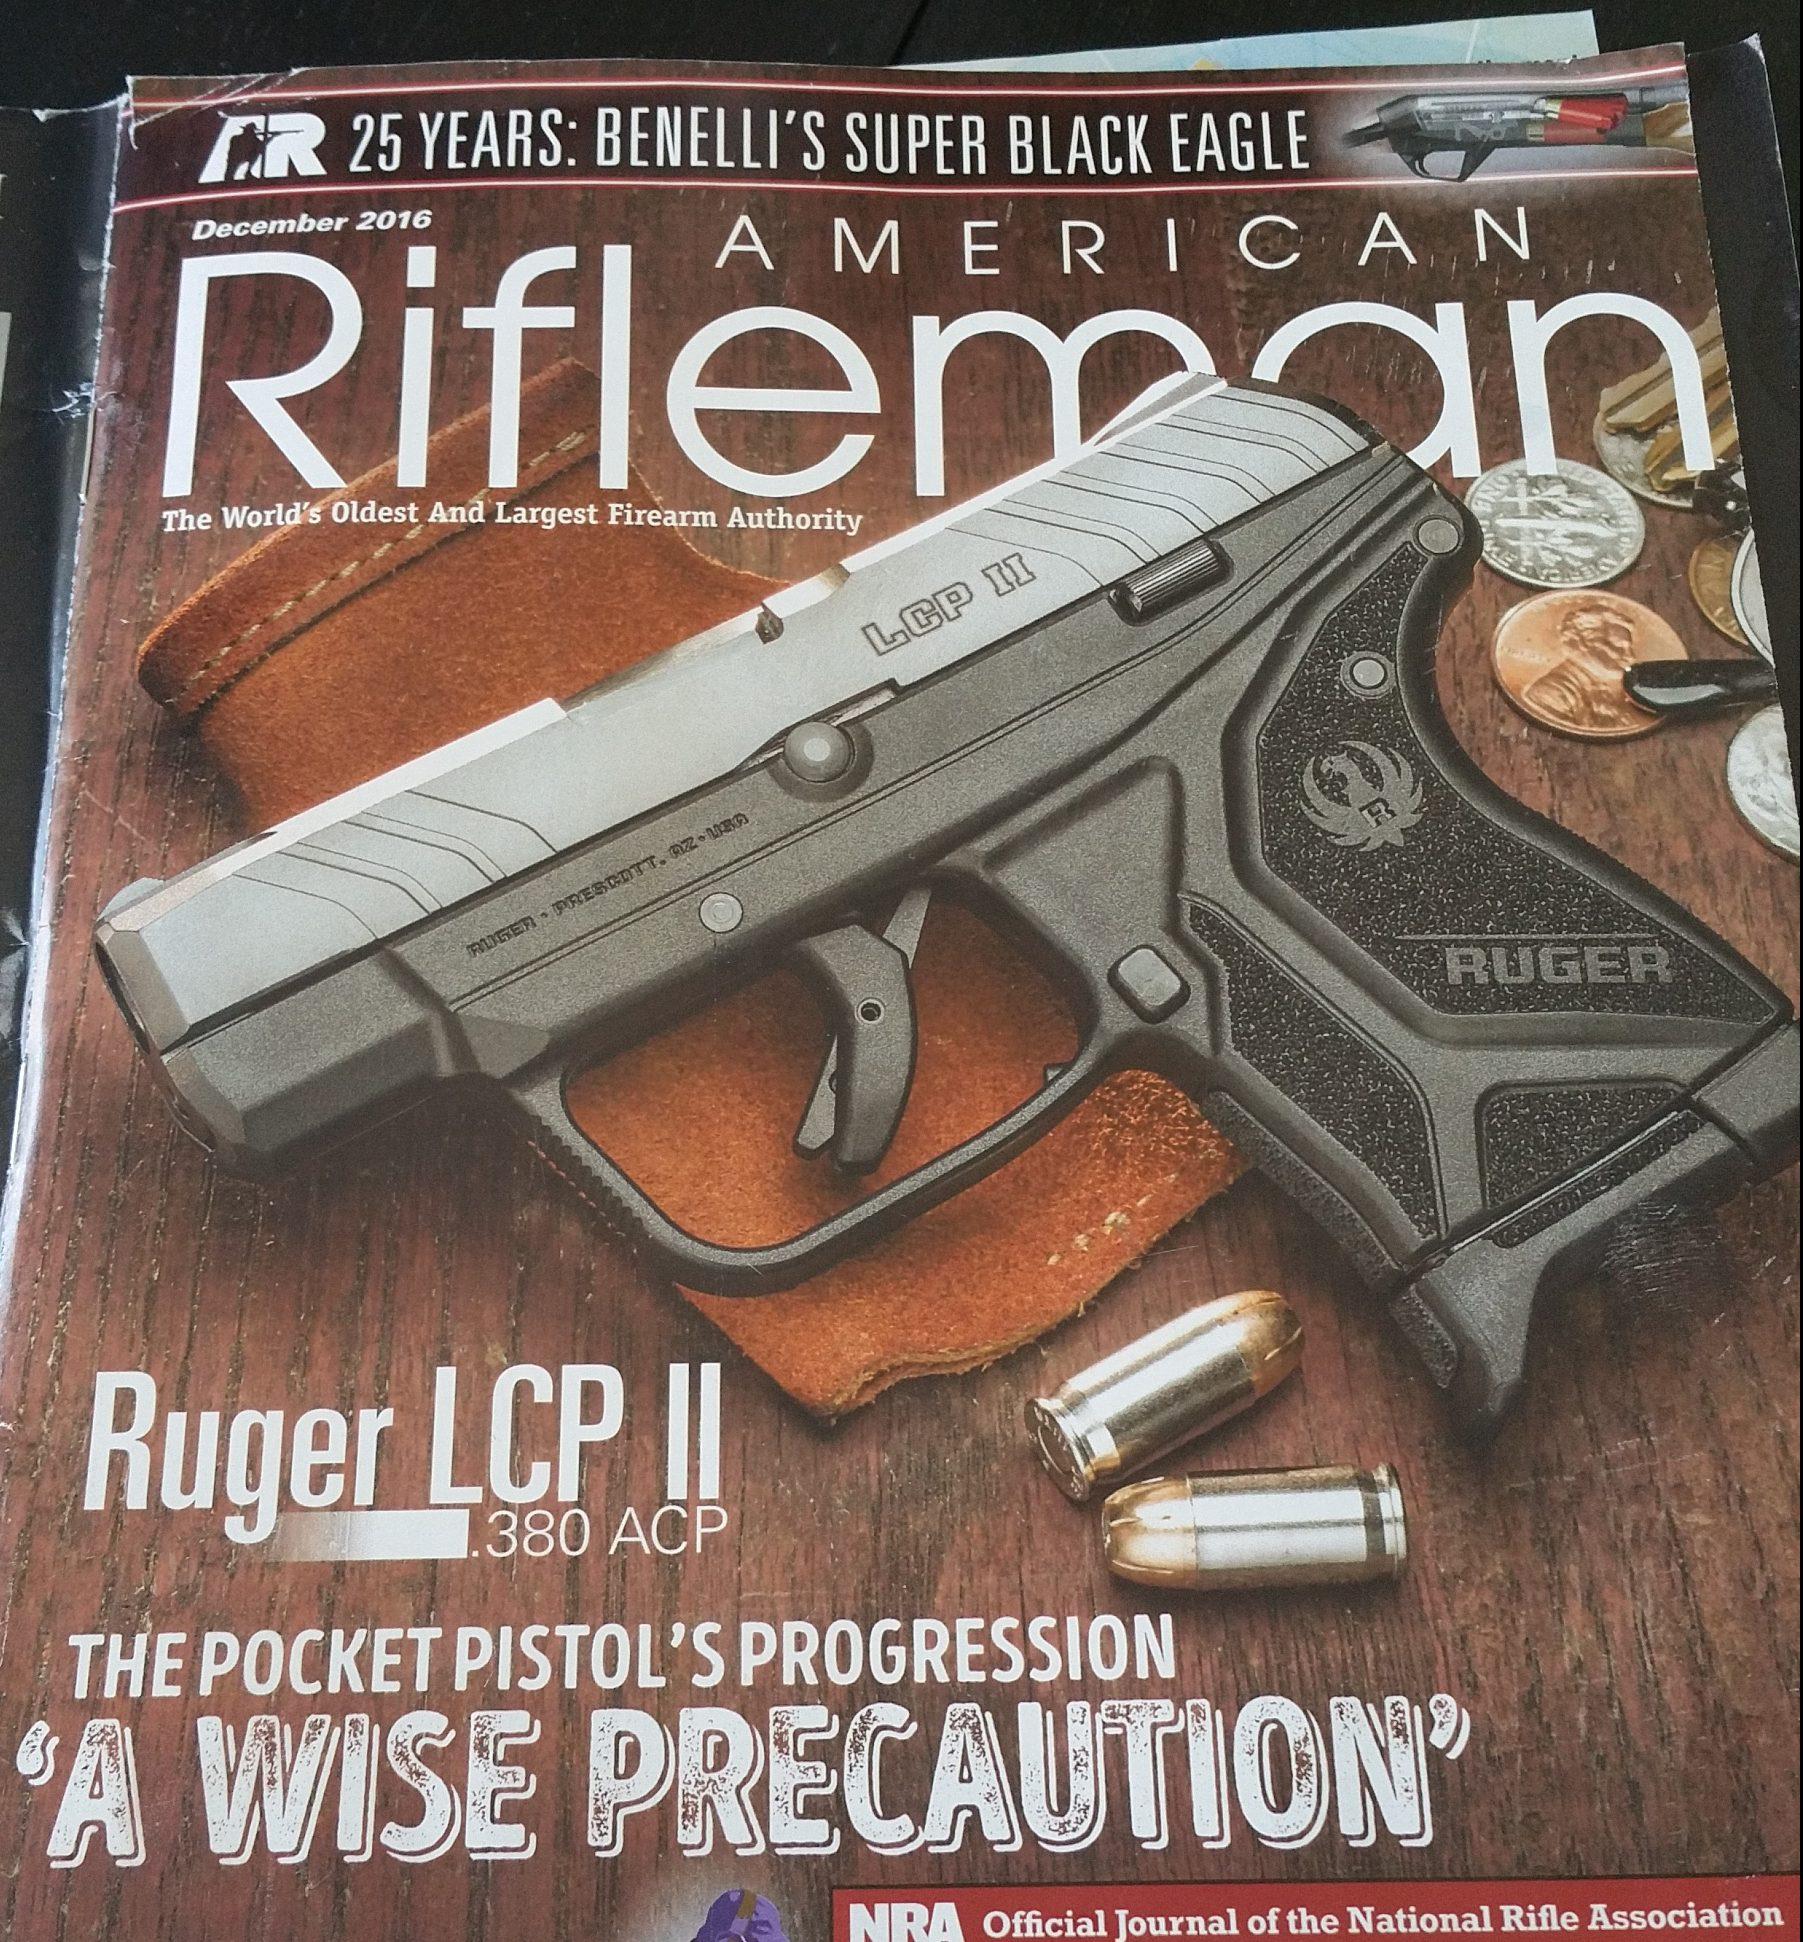 The Pocket Pistol